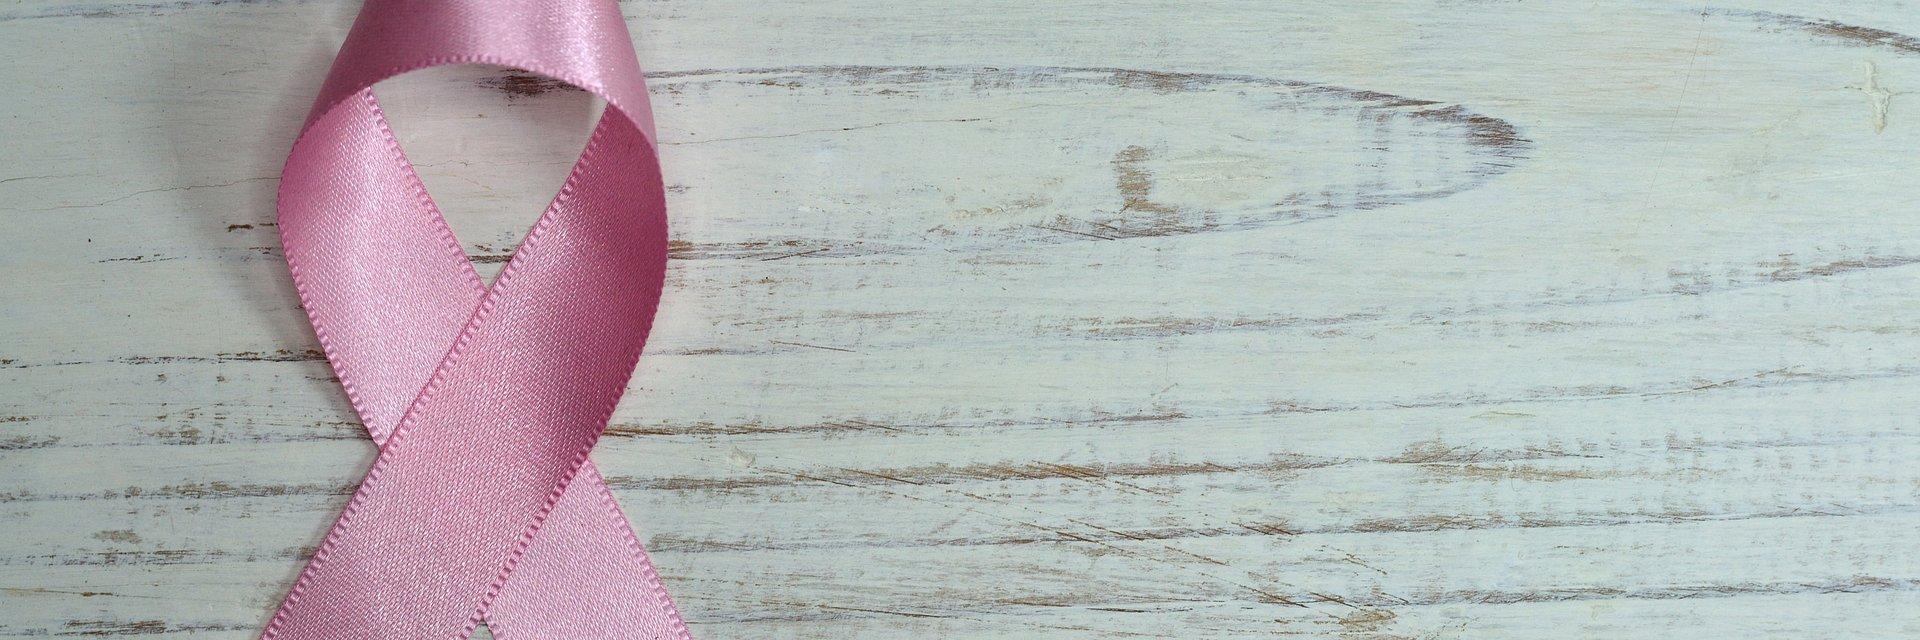 Medicover Polska partnerem kampanii na rzecz walki z rakiem piersi